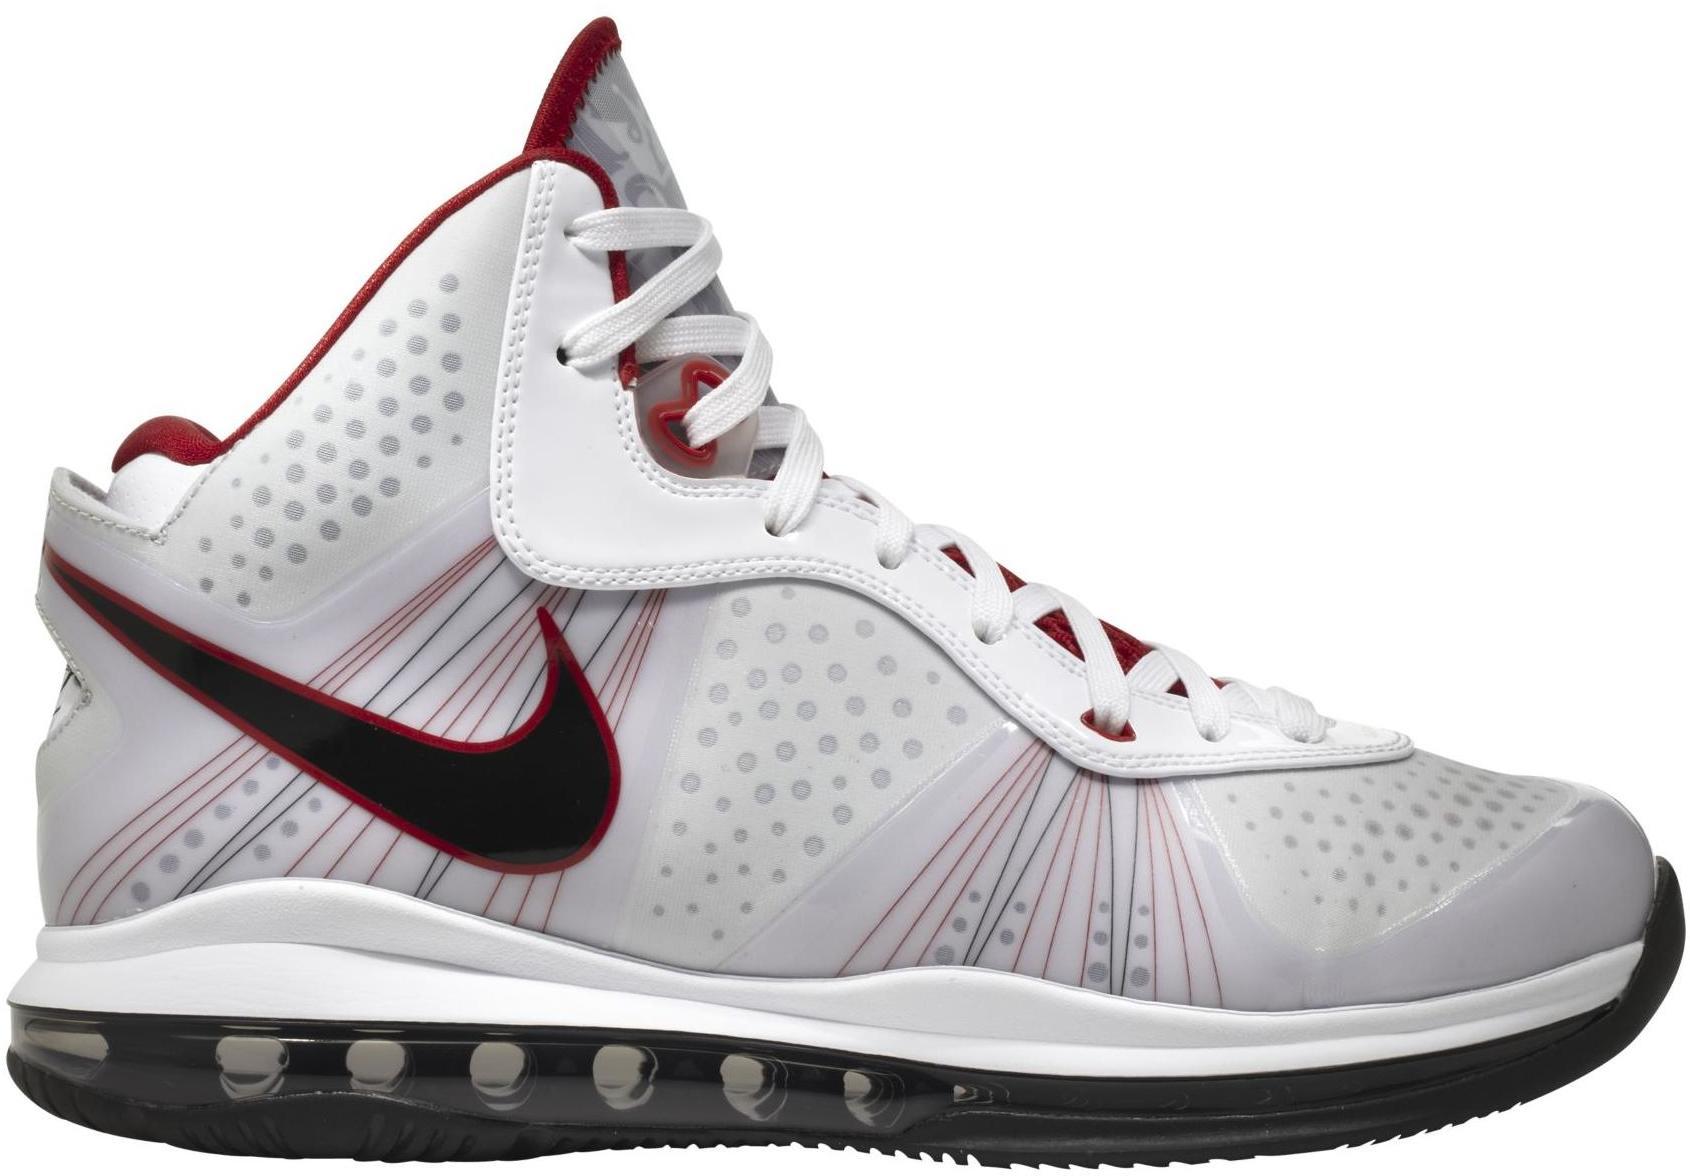 Nike LeBron 8 Home - 429676-100